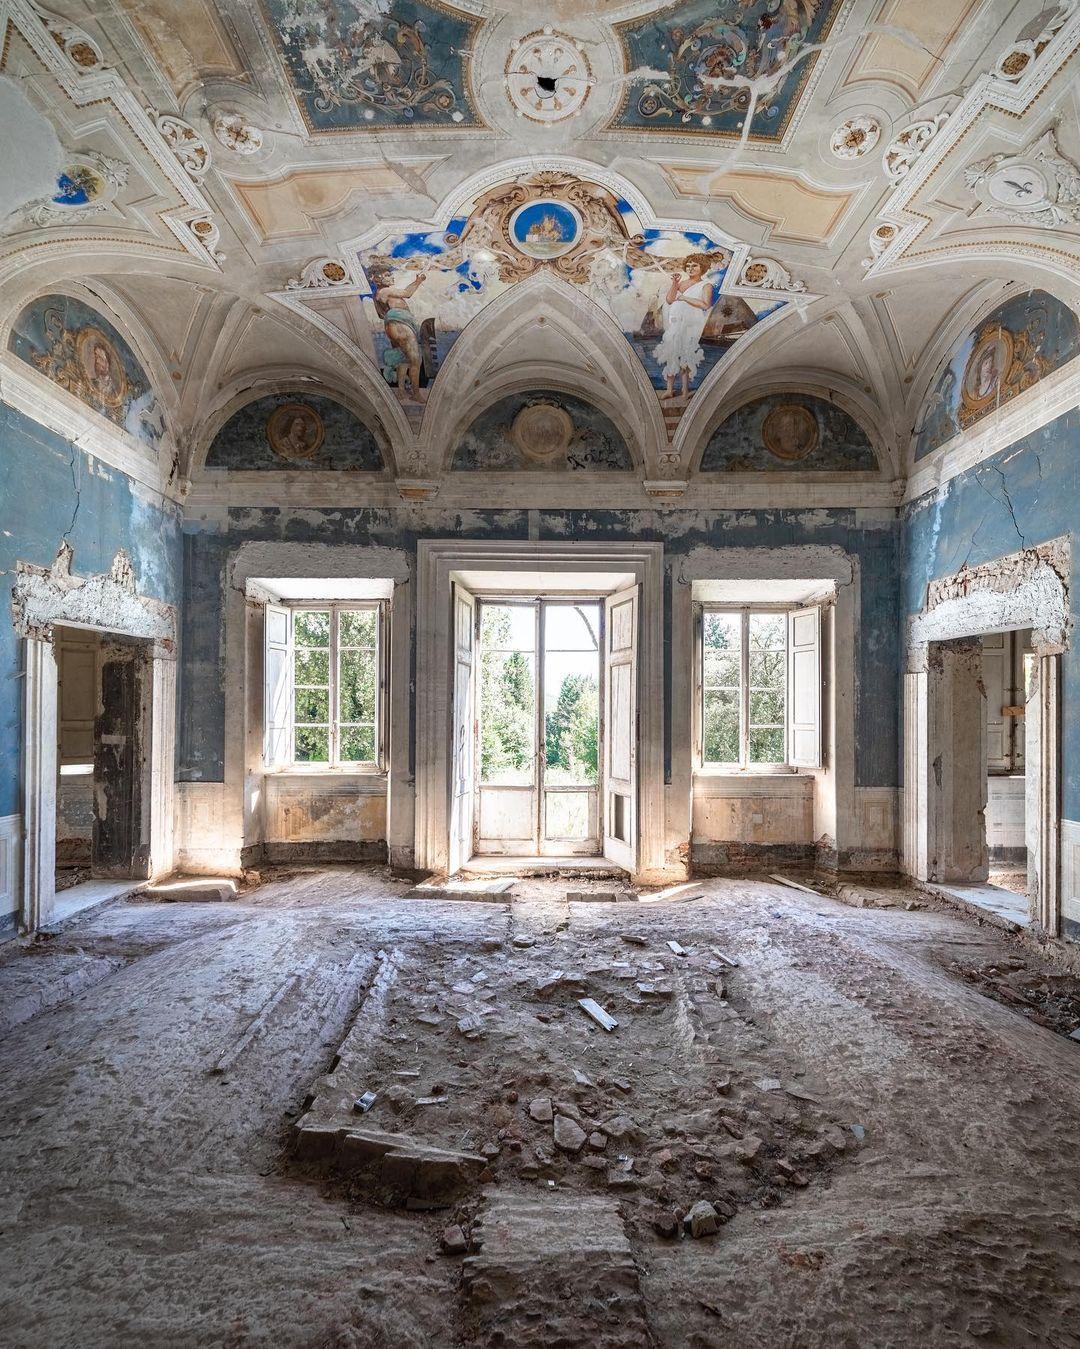 Заброшенная архитектура Европы на снимках Йеруна Таала